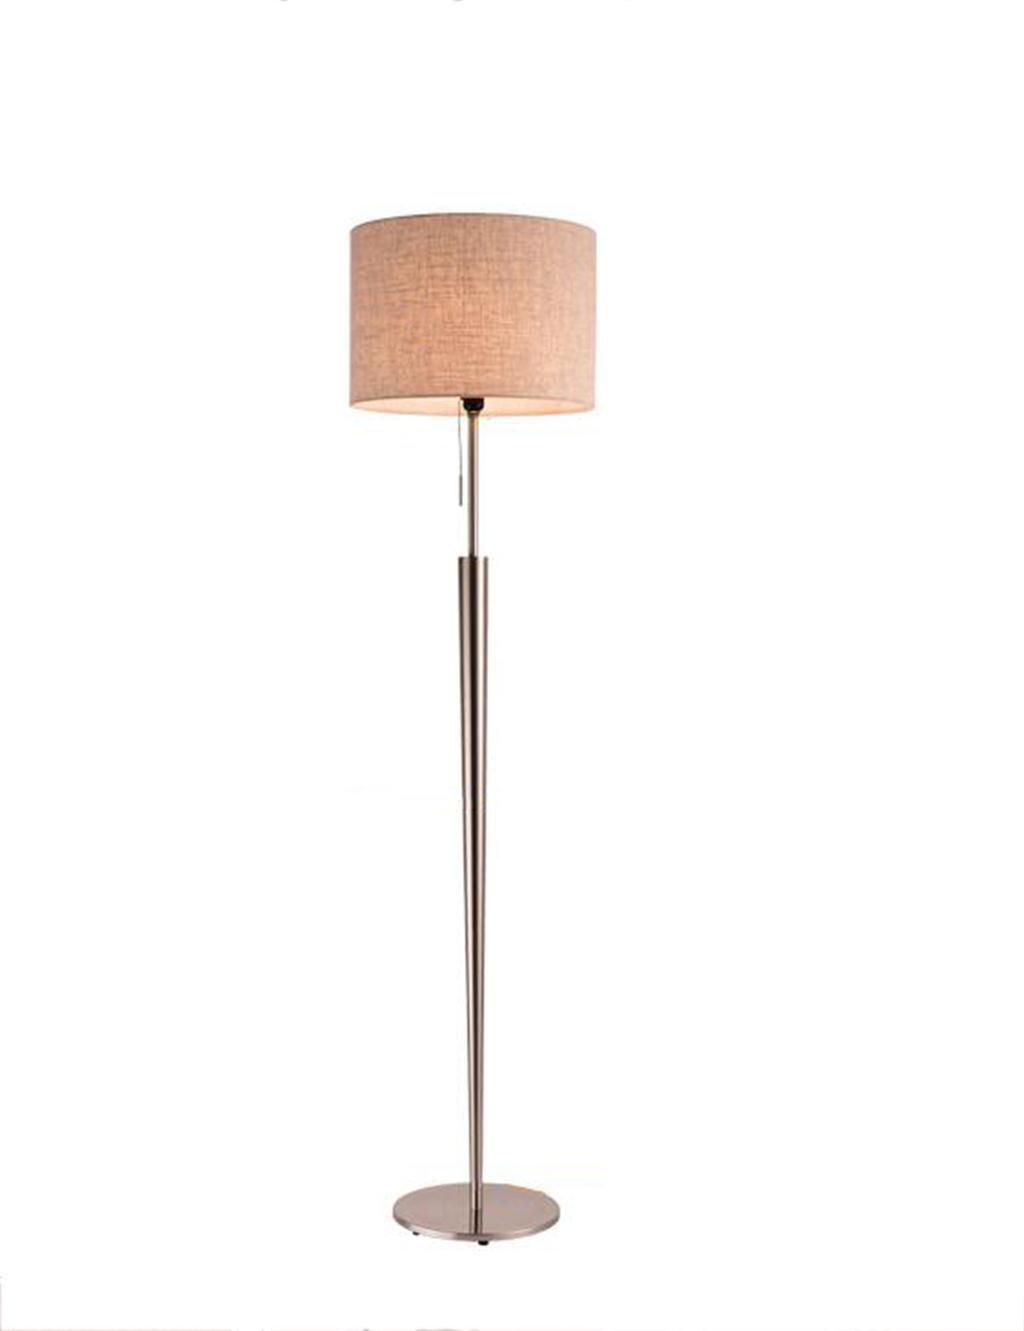 BODENLEUCHTE, Kontinentales Eisen Einfache Moderne Kreative Persönlichkeit Vertikal Stehleuchte Wohnzimmer Schlafzimmer Studie Stehleuchte Wirkungsgrad: A +++